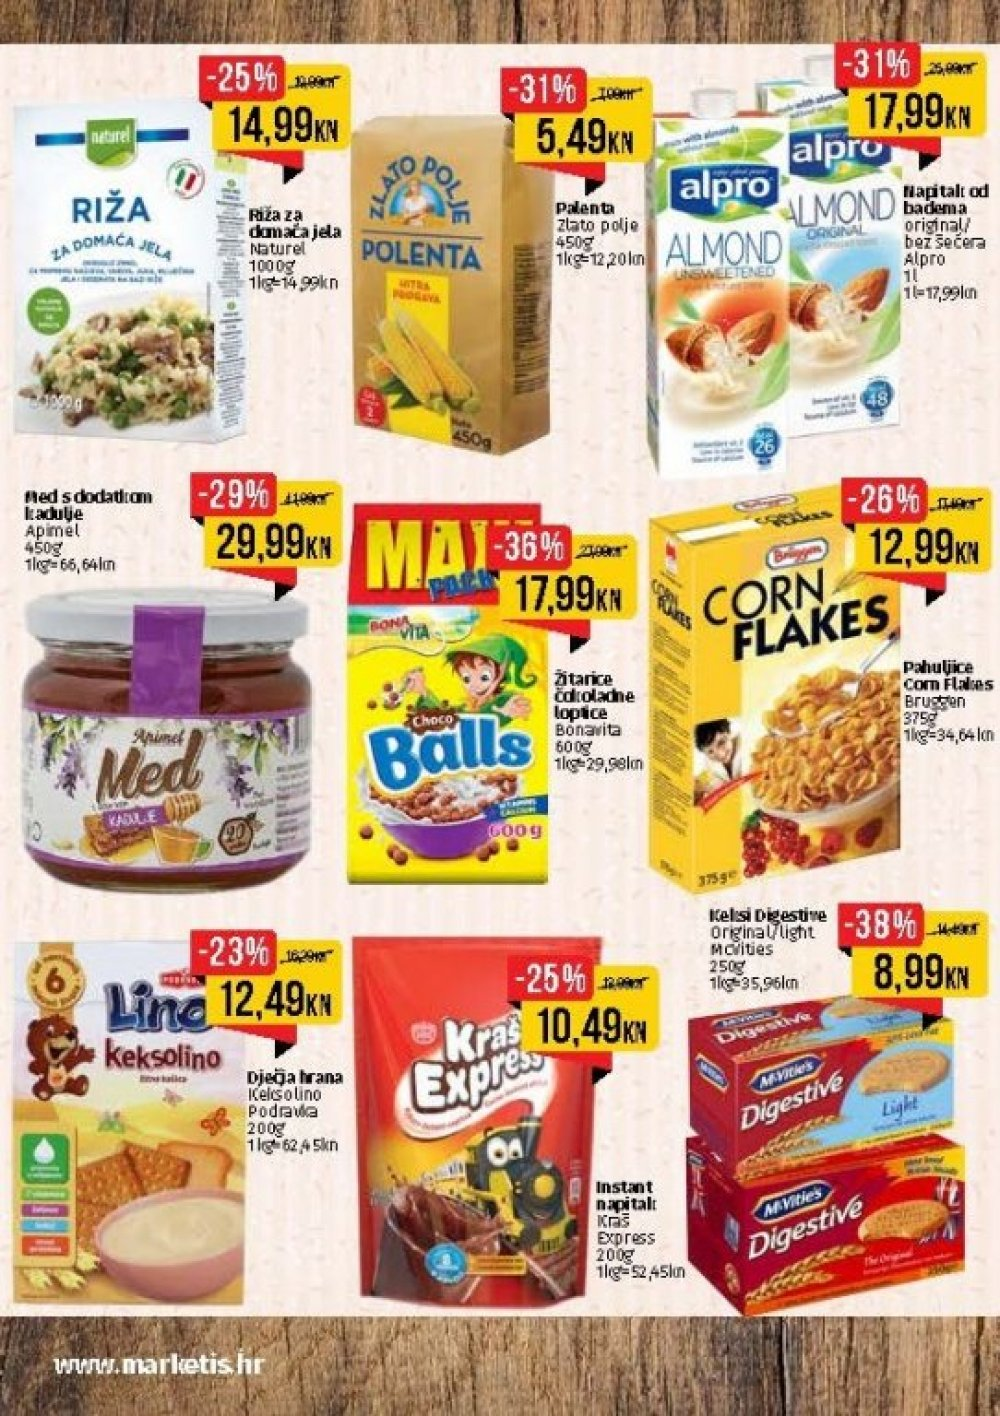 Istarski supermarketa Akcija od 02.10. -15.10.2017.